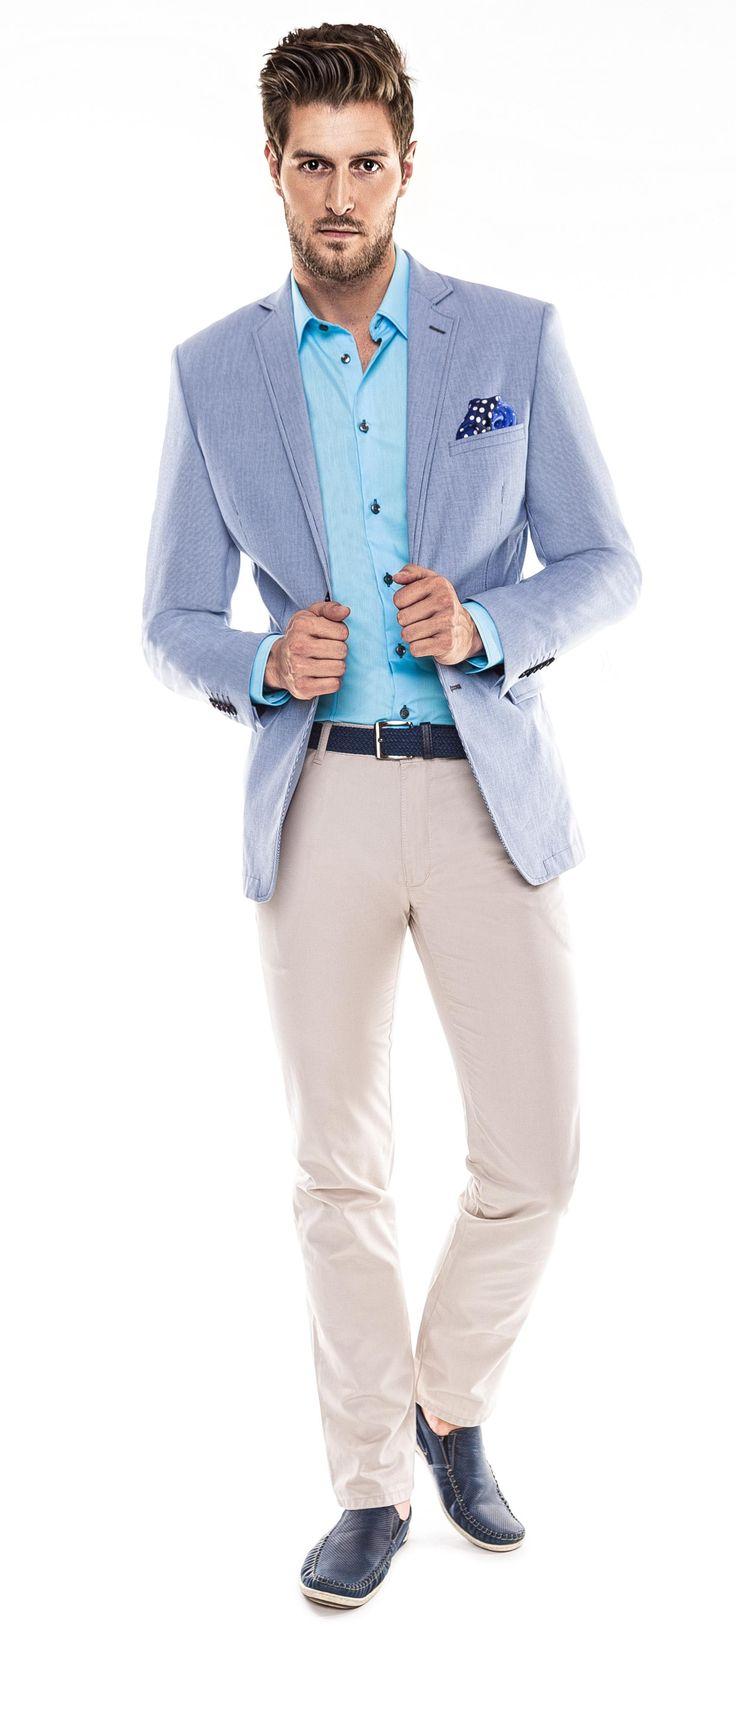 Kolekcja Giacomo Conti 2014 - błękitna marynarka Antonio 14/38 SM, białe spodnie Riccardo 14/21 T, niebieska koszula męska Michele 14/02/38, granatowe mokasyny. #giacomoconti